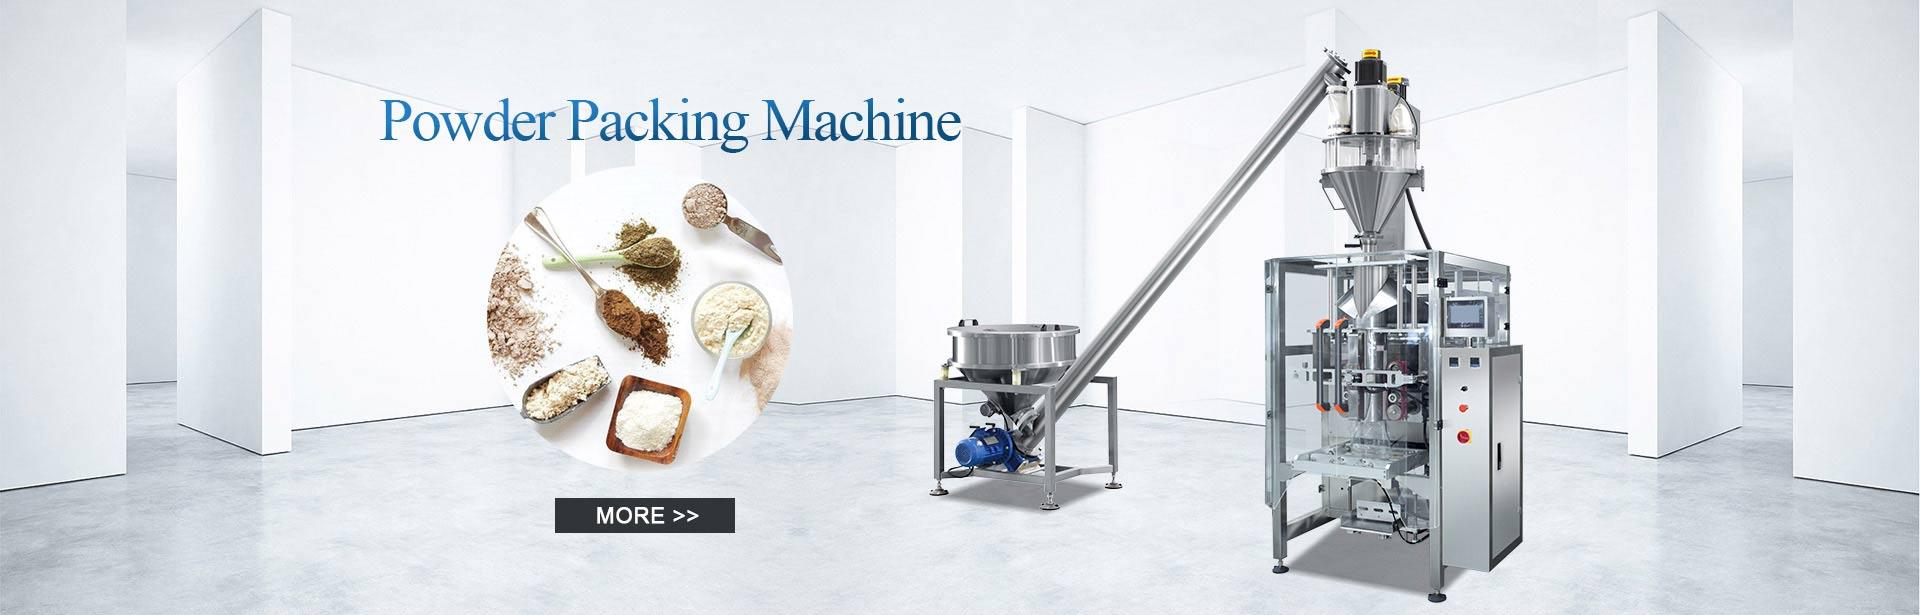 Powder Packing Machine